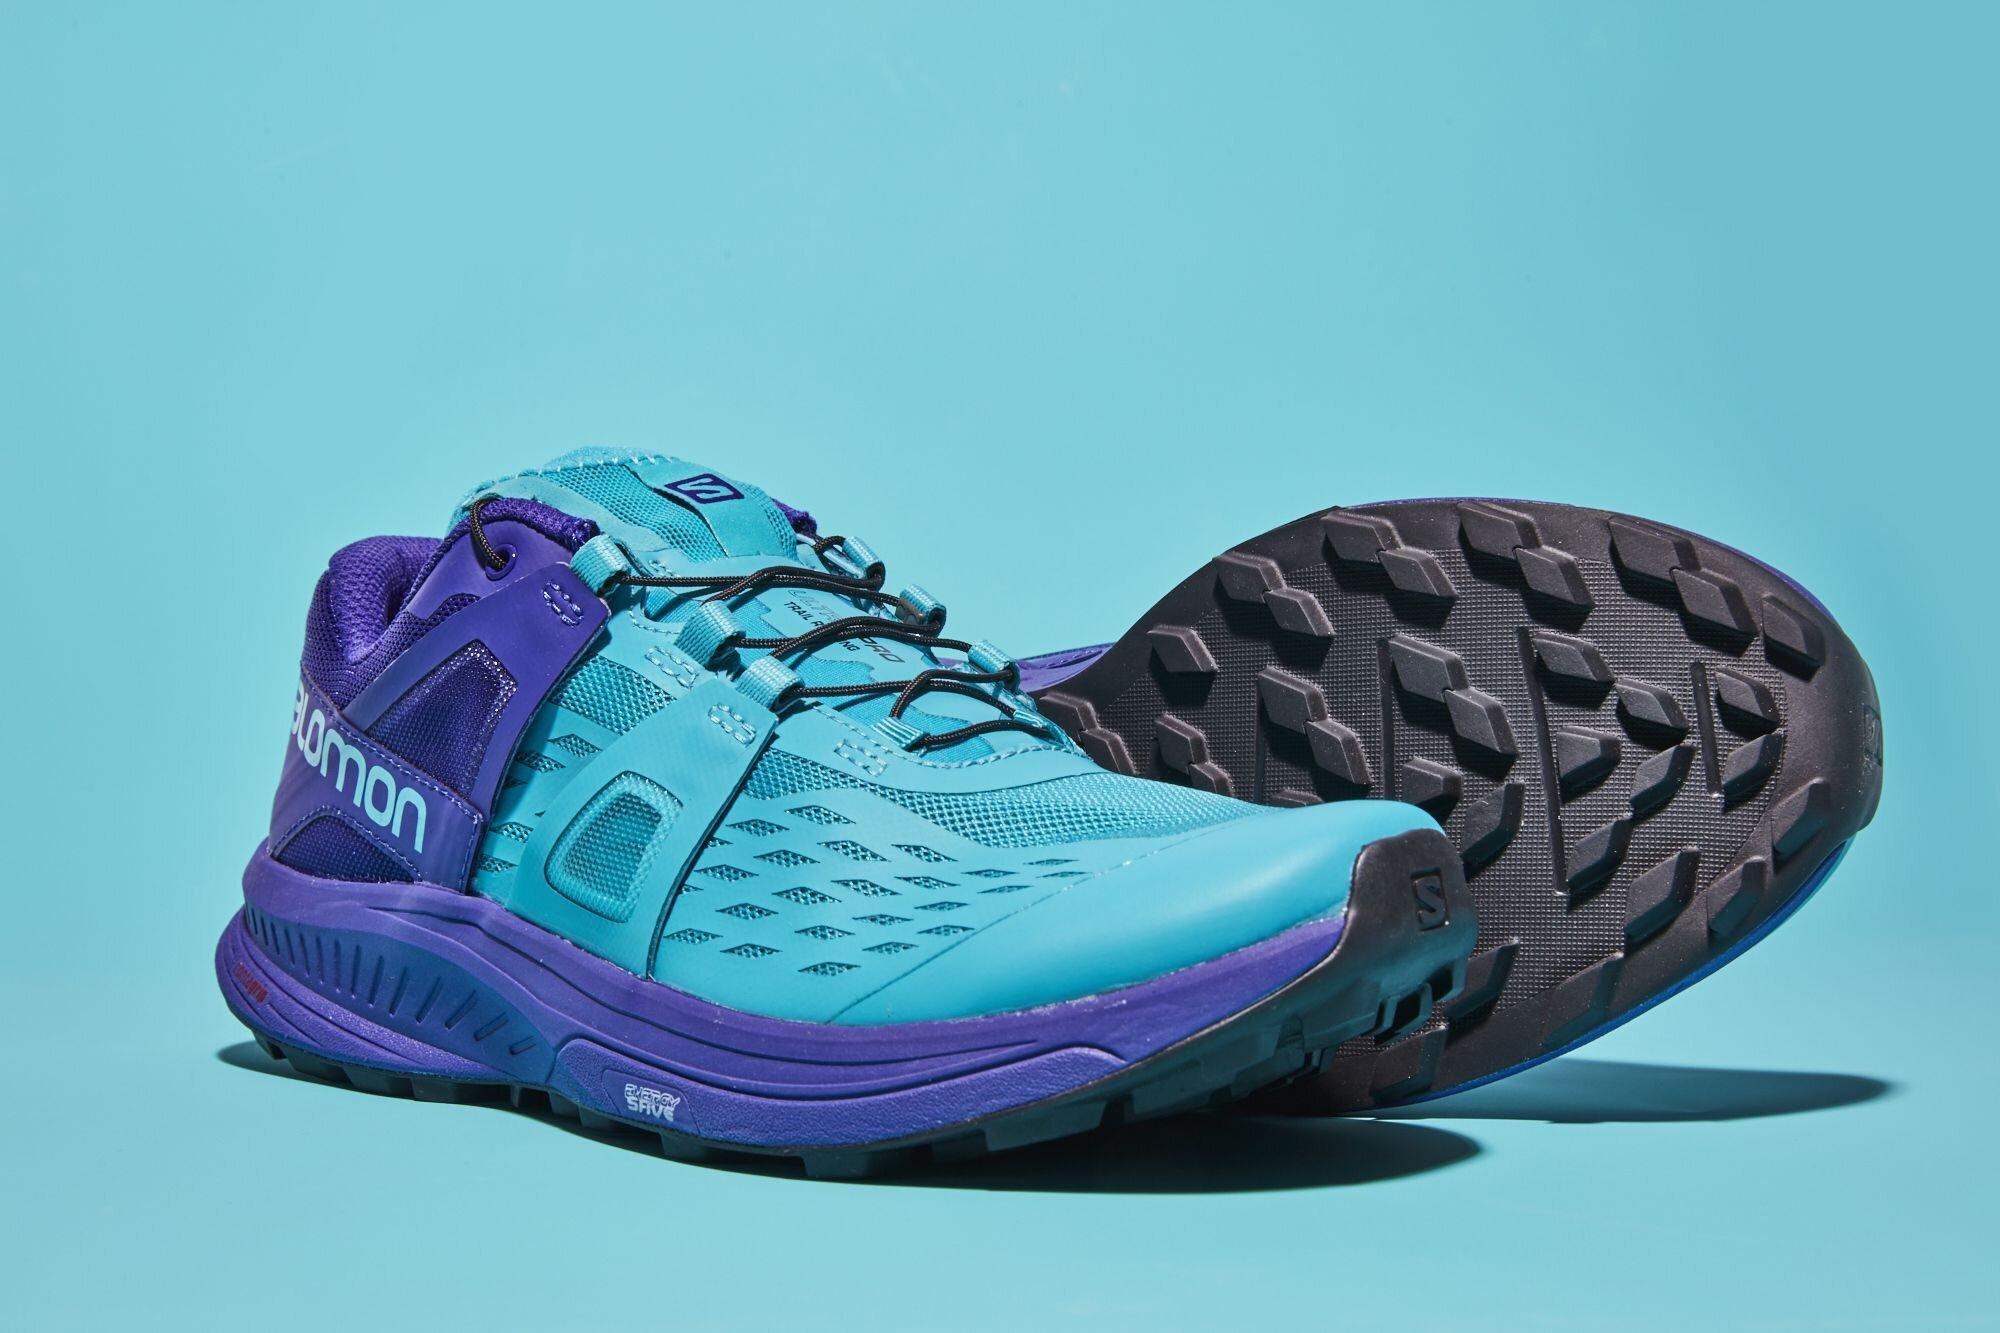 Đế giày thiết kế đặc biệt giúp tăng cường độ bám, chống trơn trượt trong những chuyến leo núi, chinh phục địa hình.